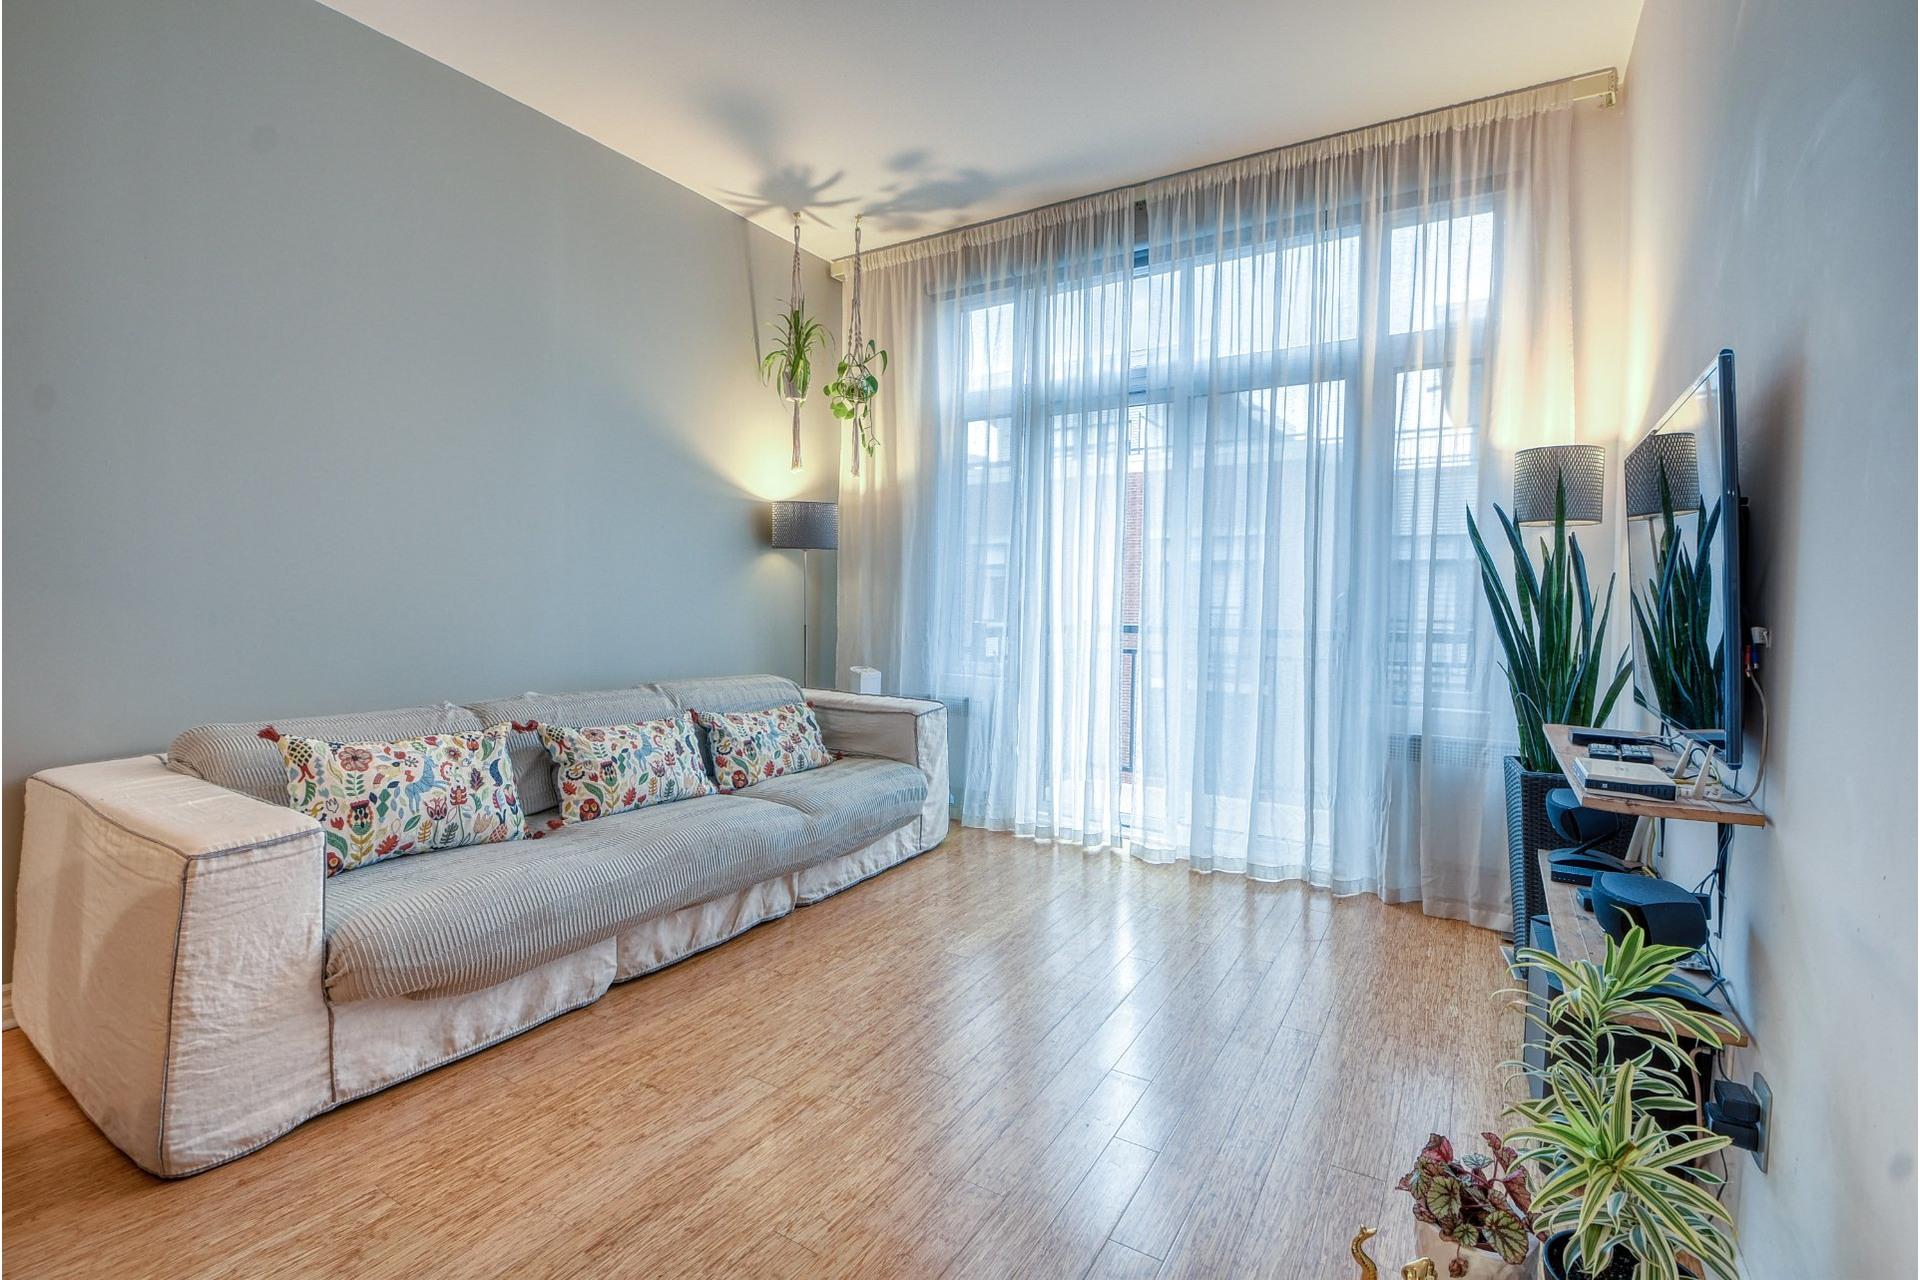 image 4 - Appartement À vendre Lachine Montréal  - 7 pièces